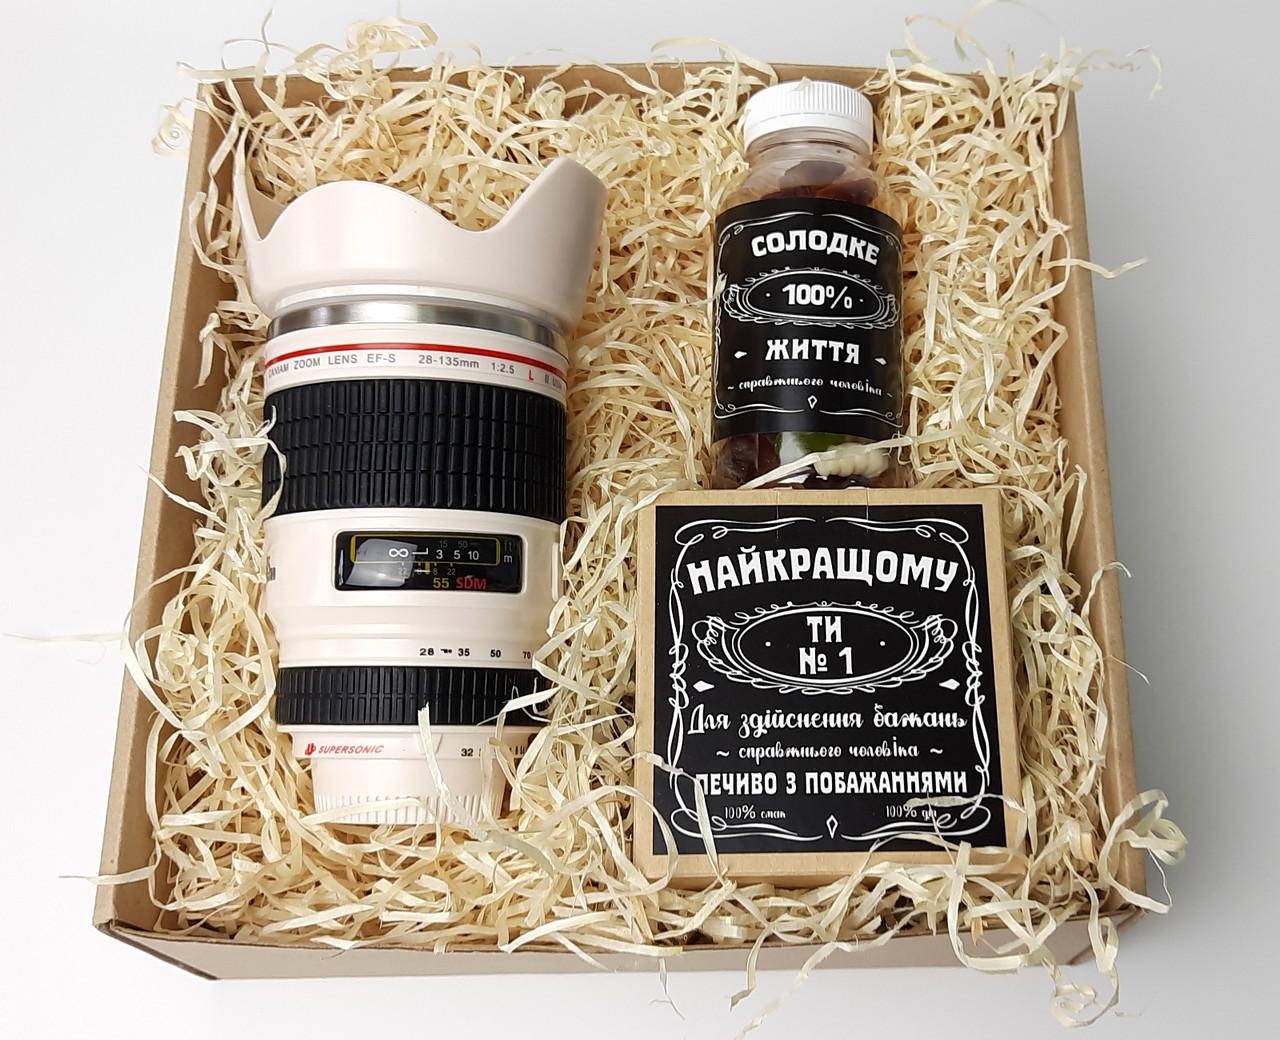 """Мужской подарок """"Мой фотограф любит виски"""": кружка-объектив, конфеты в банке, печенье с предсказаниями"""